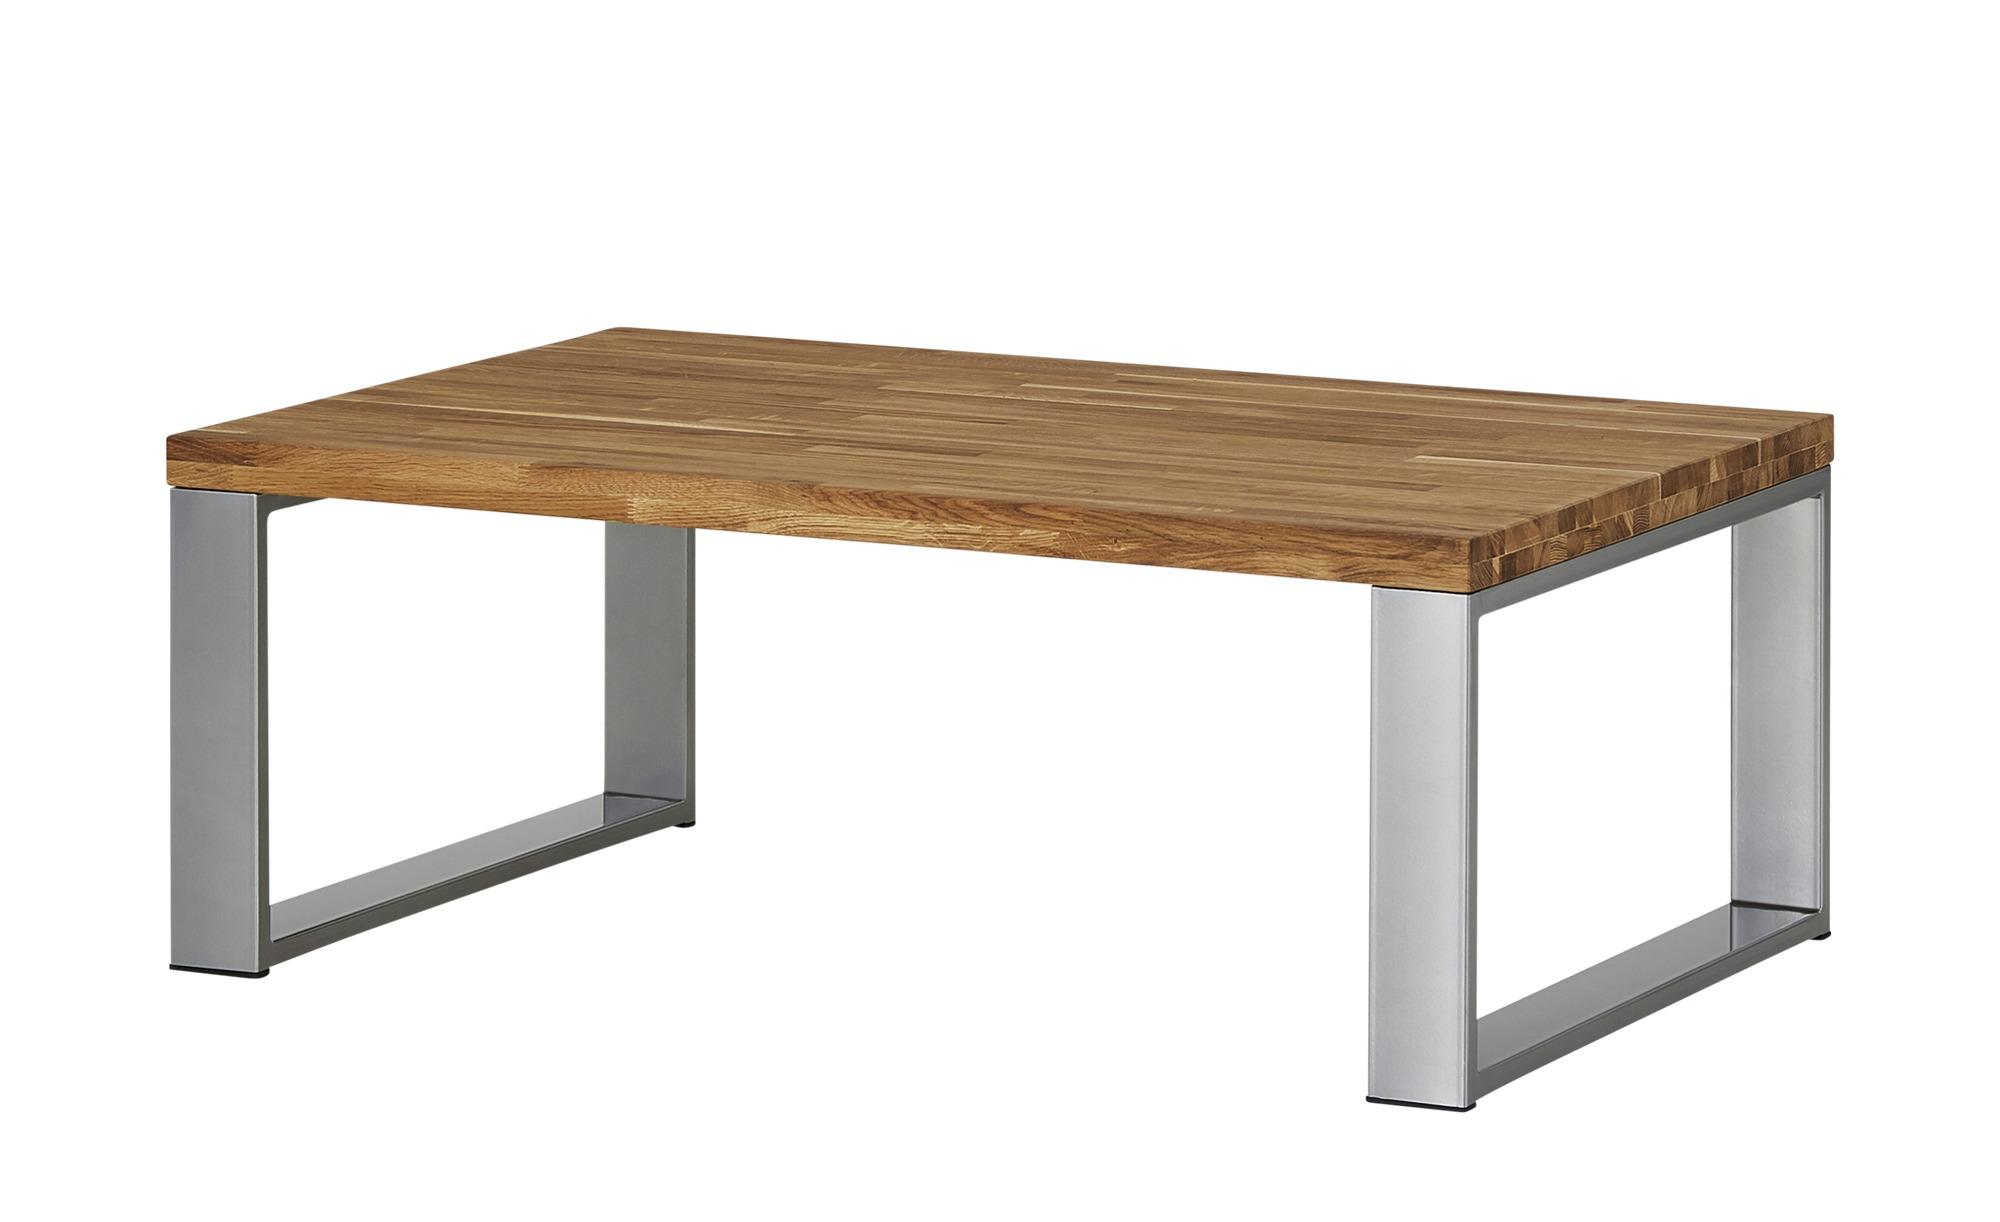 Couchtisch  Schönsee ¦ Maße (cm): B: 70 H: 40 T: 70 Tische > Couchtische > Couchtisch Massivholz - Höffner